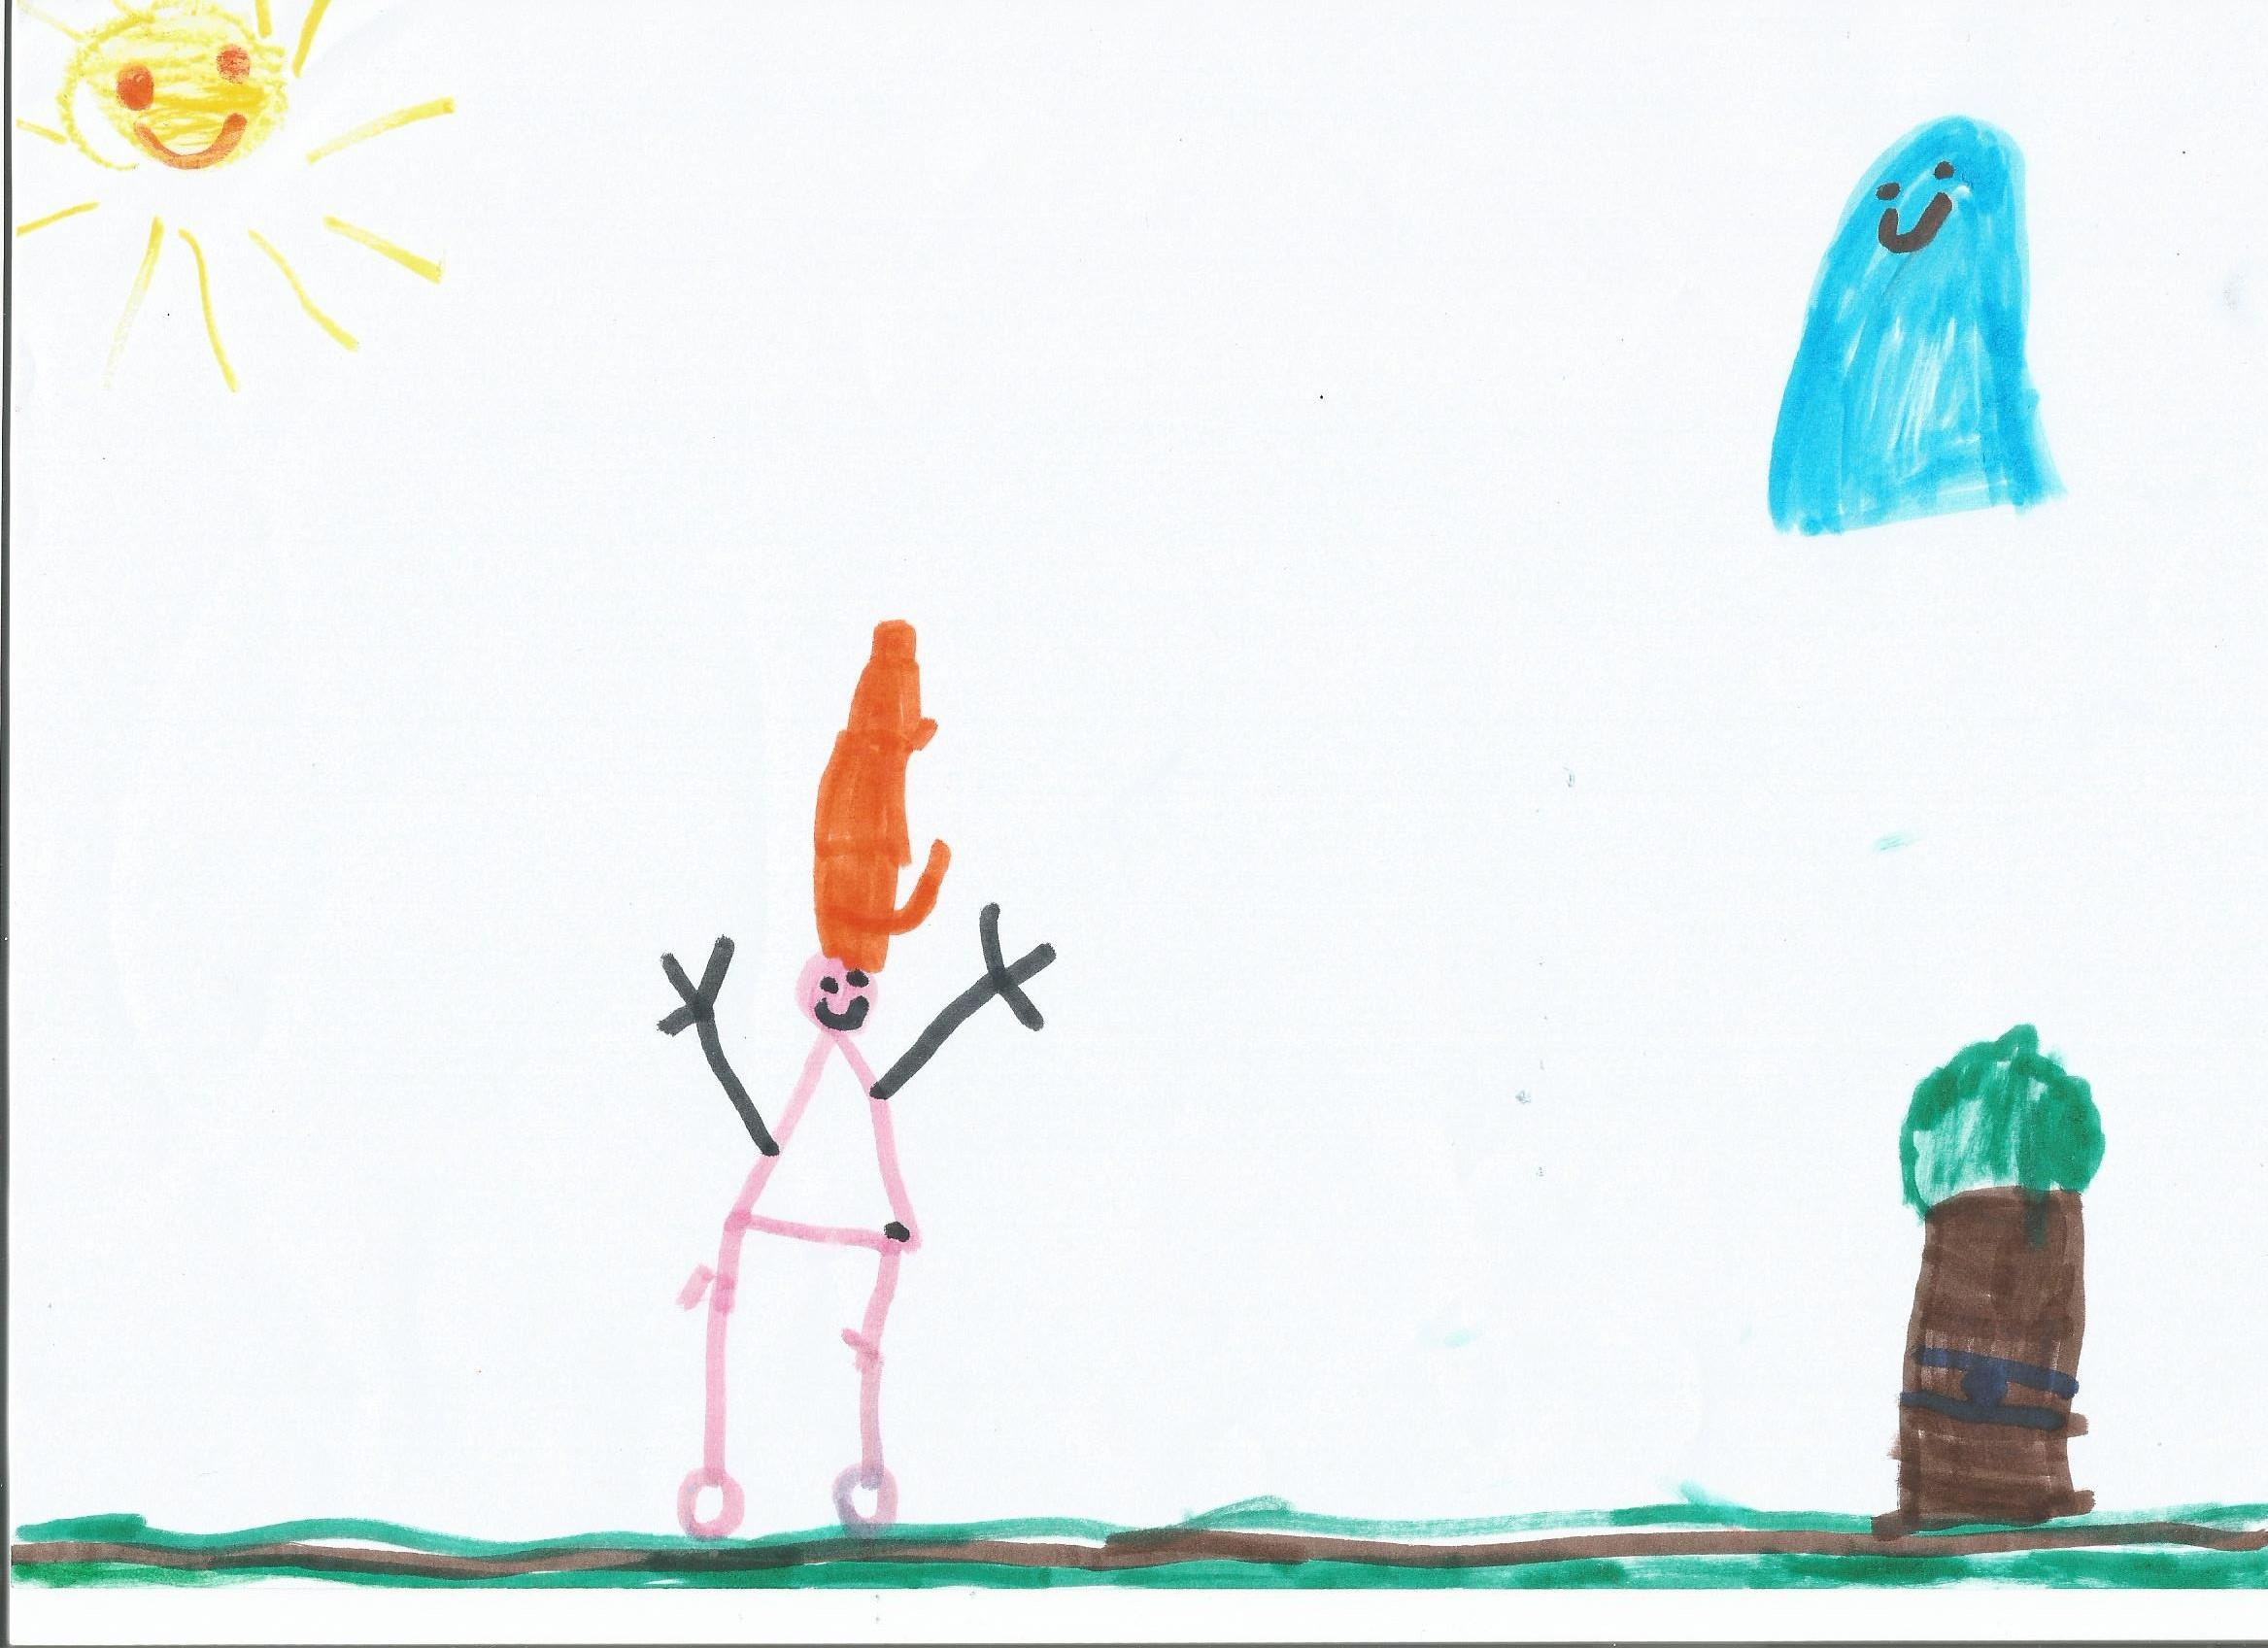 10 μύθοι του Αισώπου by Anna Aslani - Ourboox.com